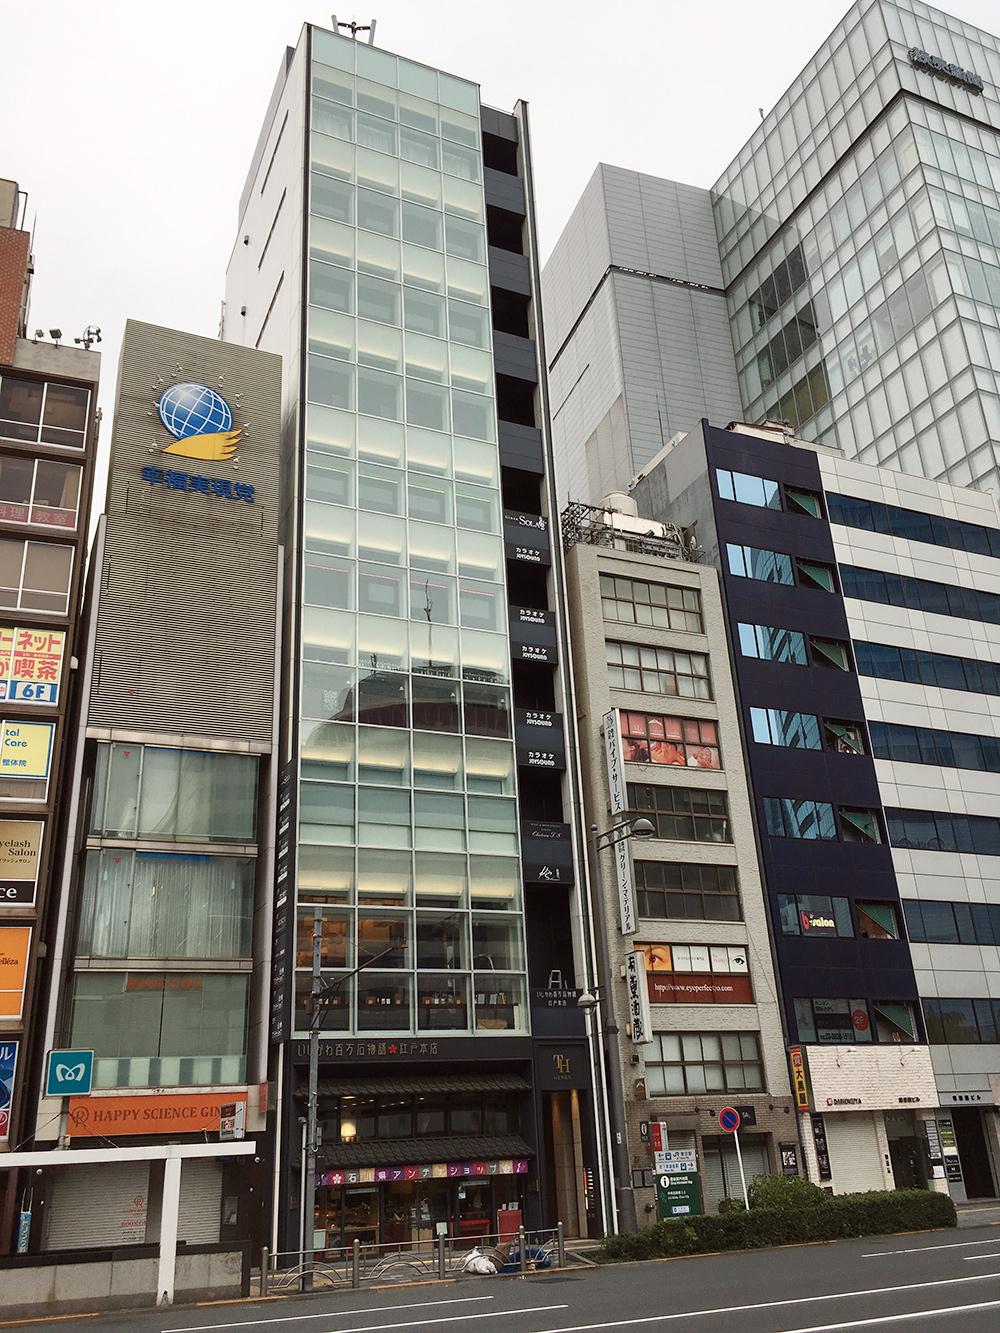 Из-за высокой стоимости земли в центре Токио дома там узкие и высокие. Но даже так площади в них доступны лишь для коммерческого использования